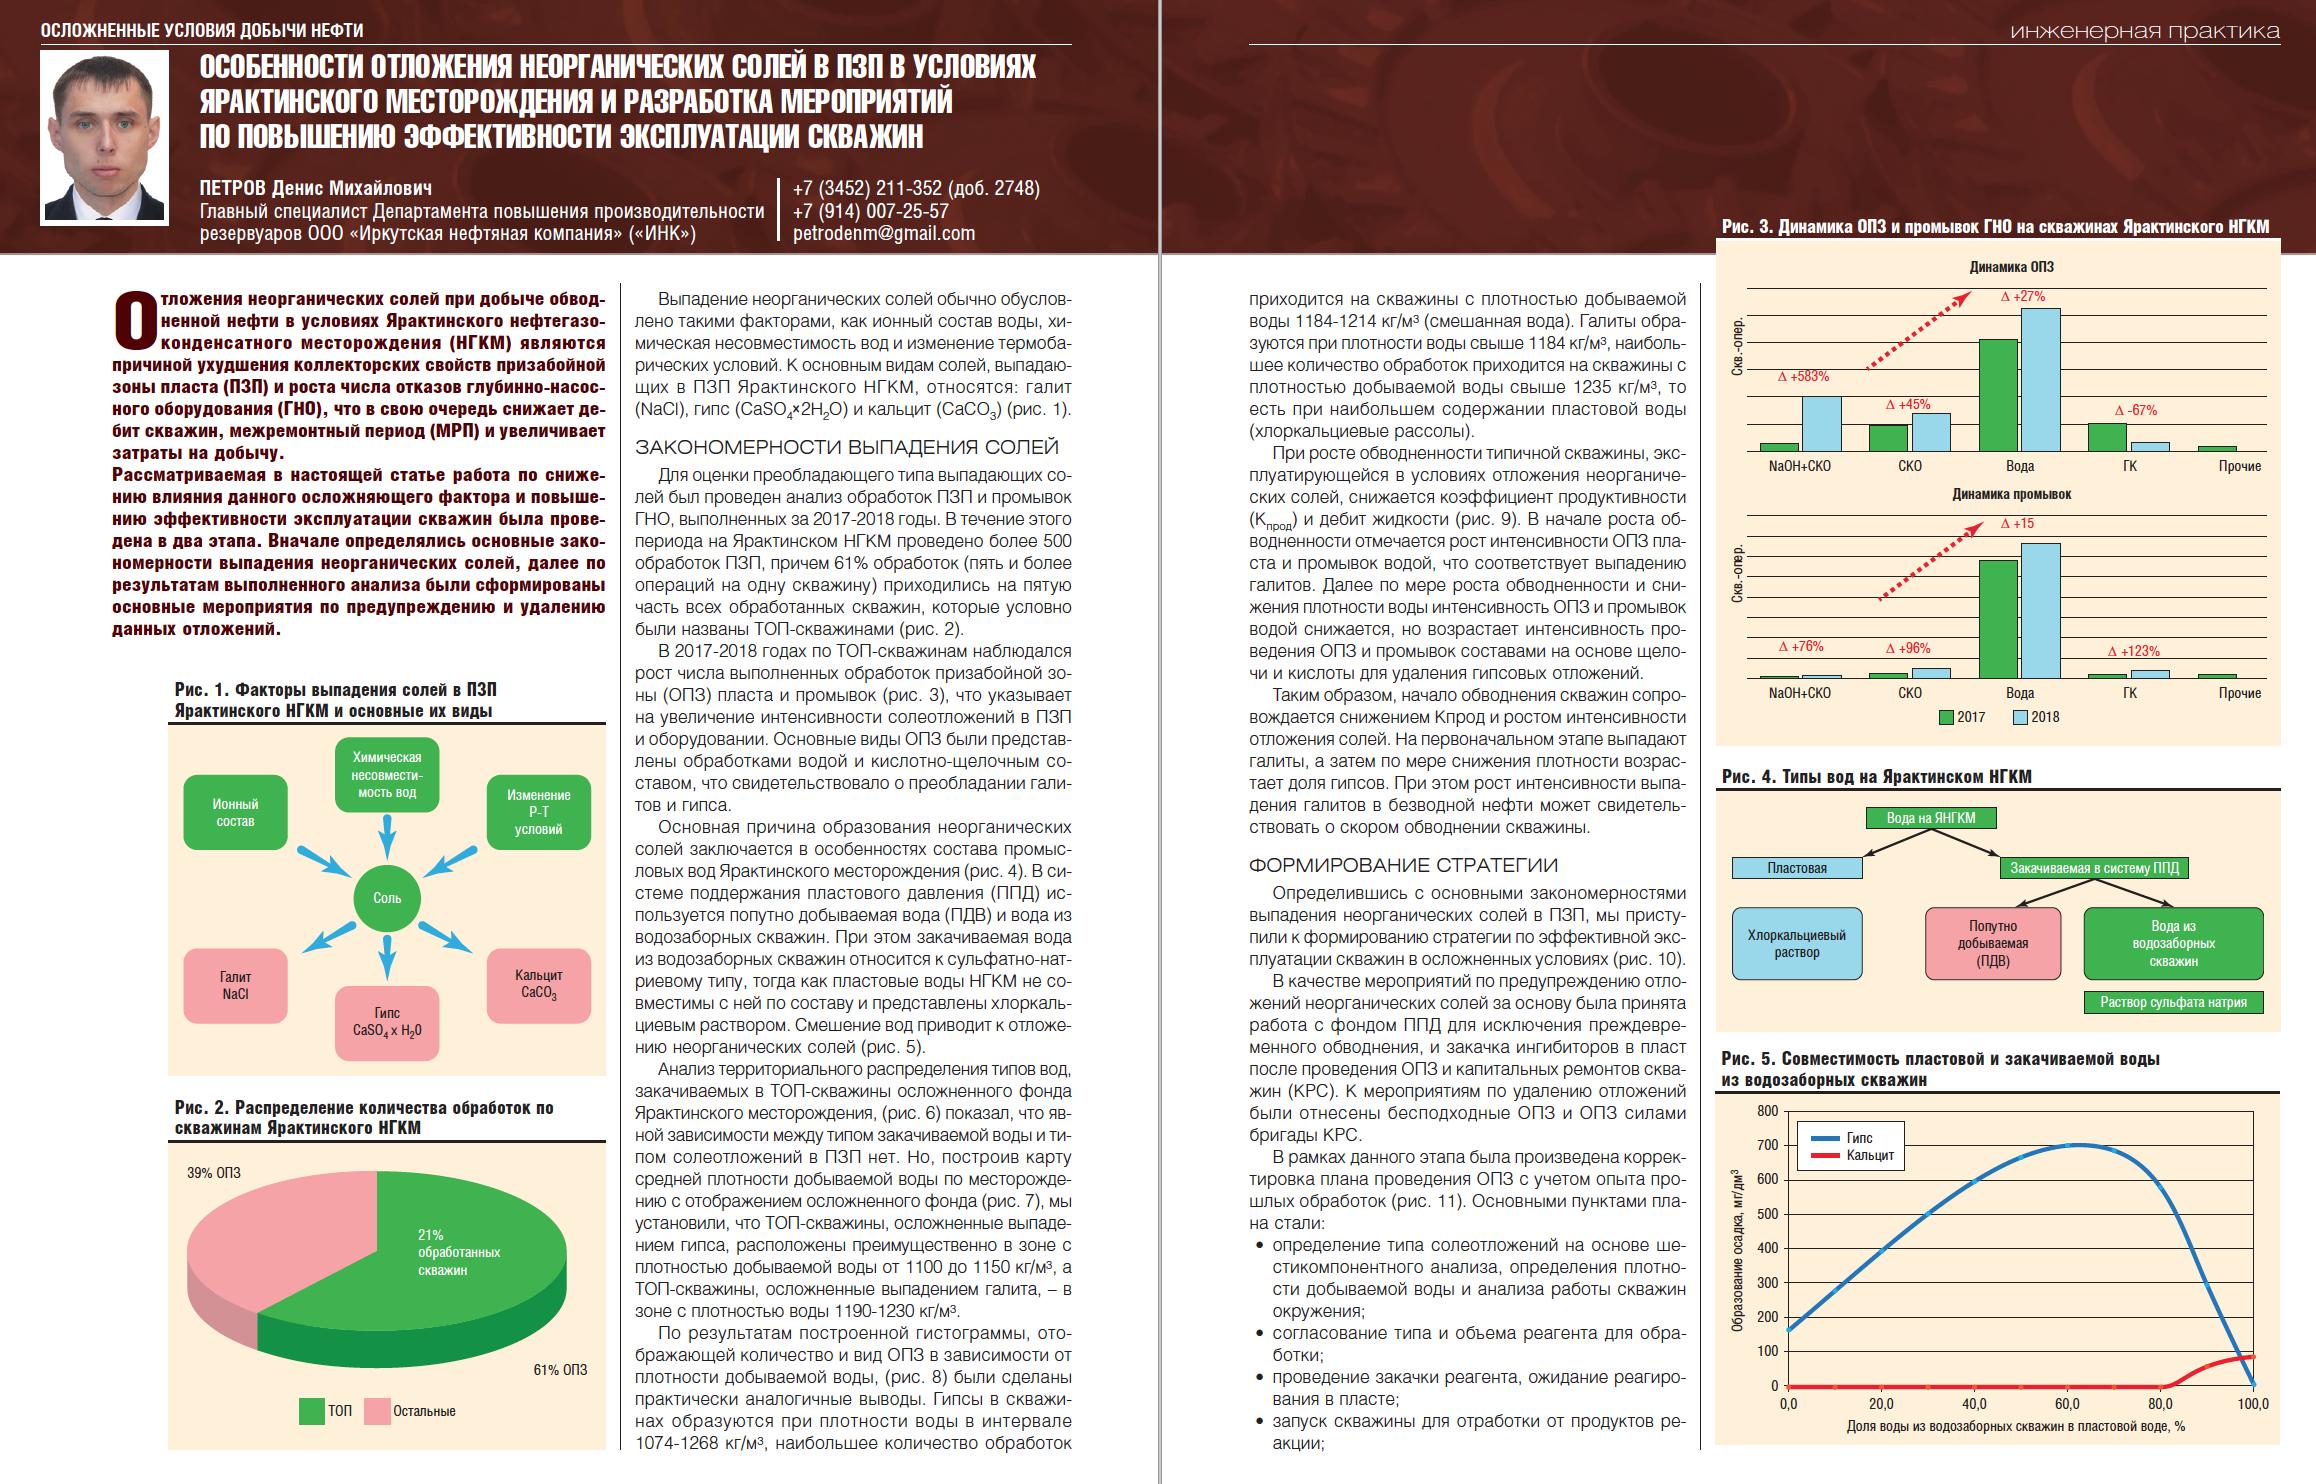 29903 Особенности отложения неорганических солей в ПЗП в условиях Ярактинского м/р